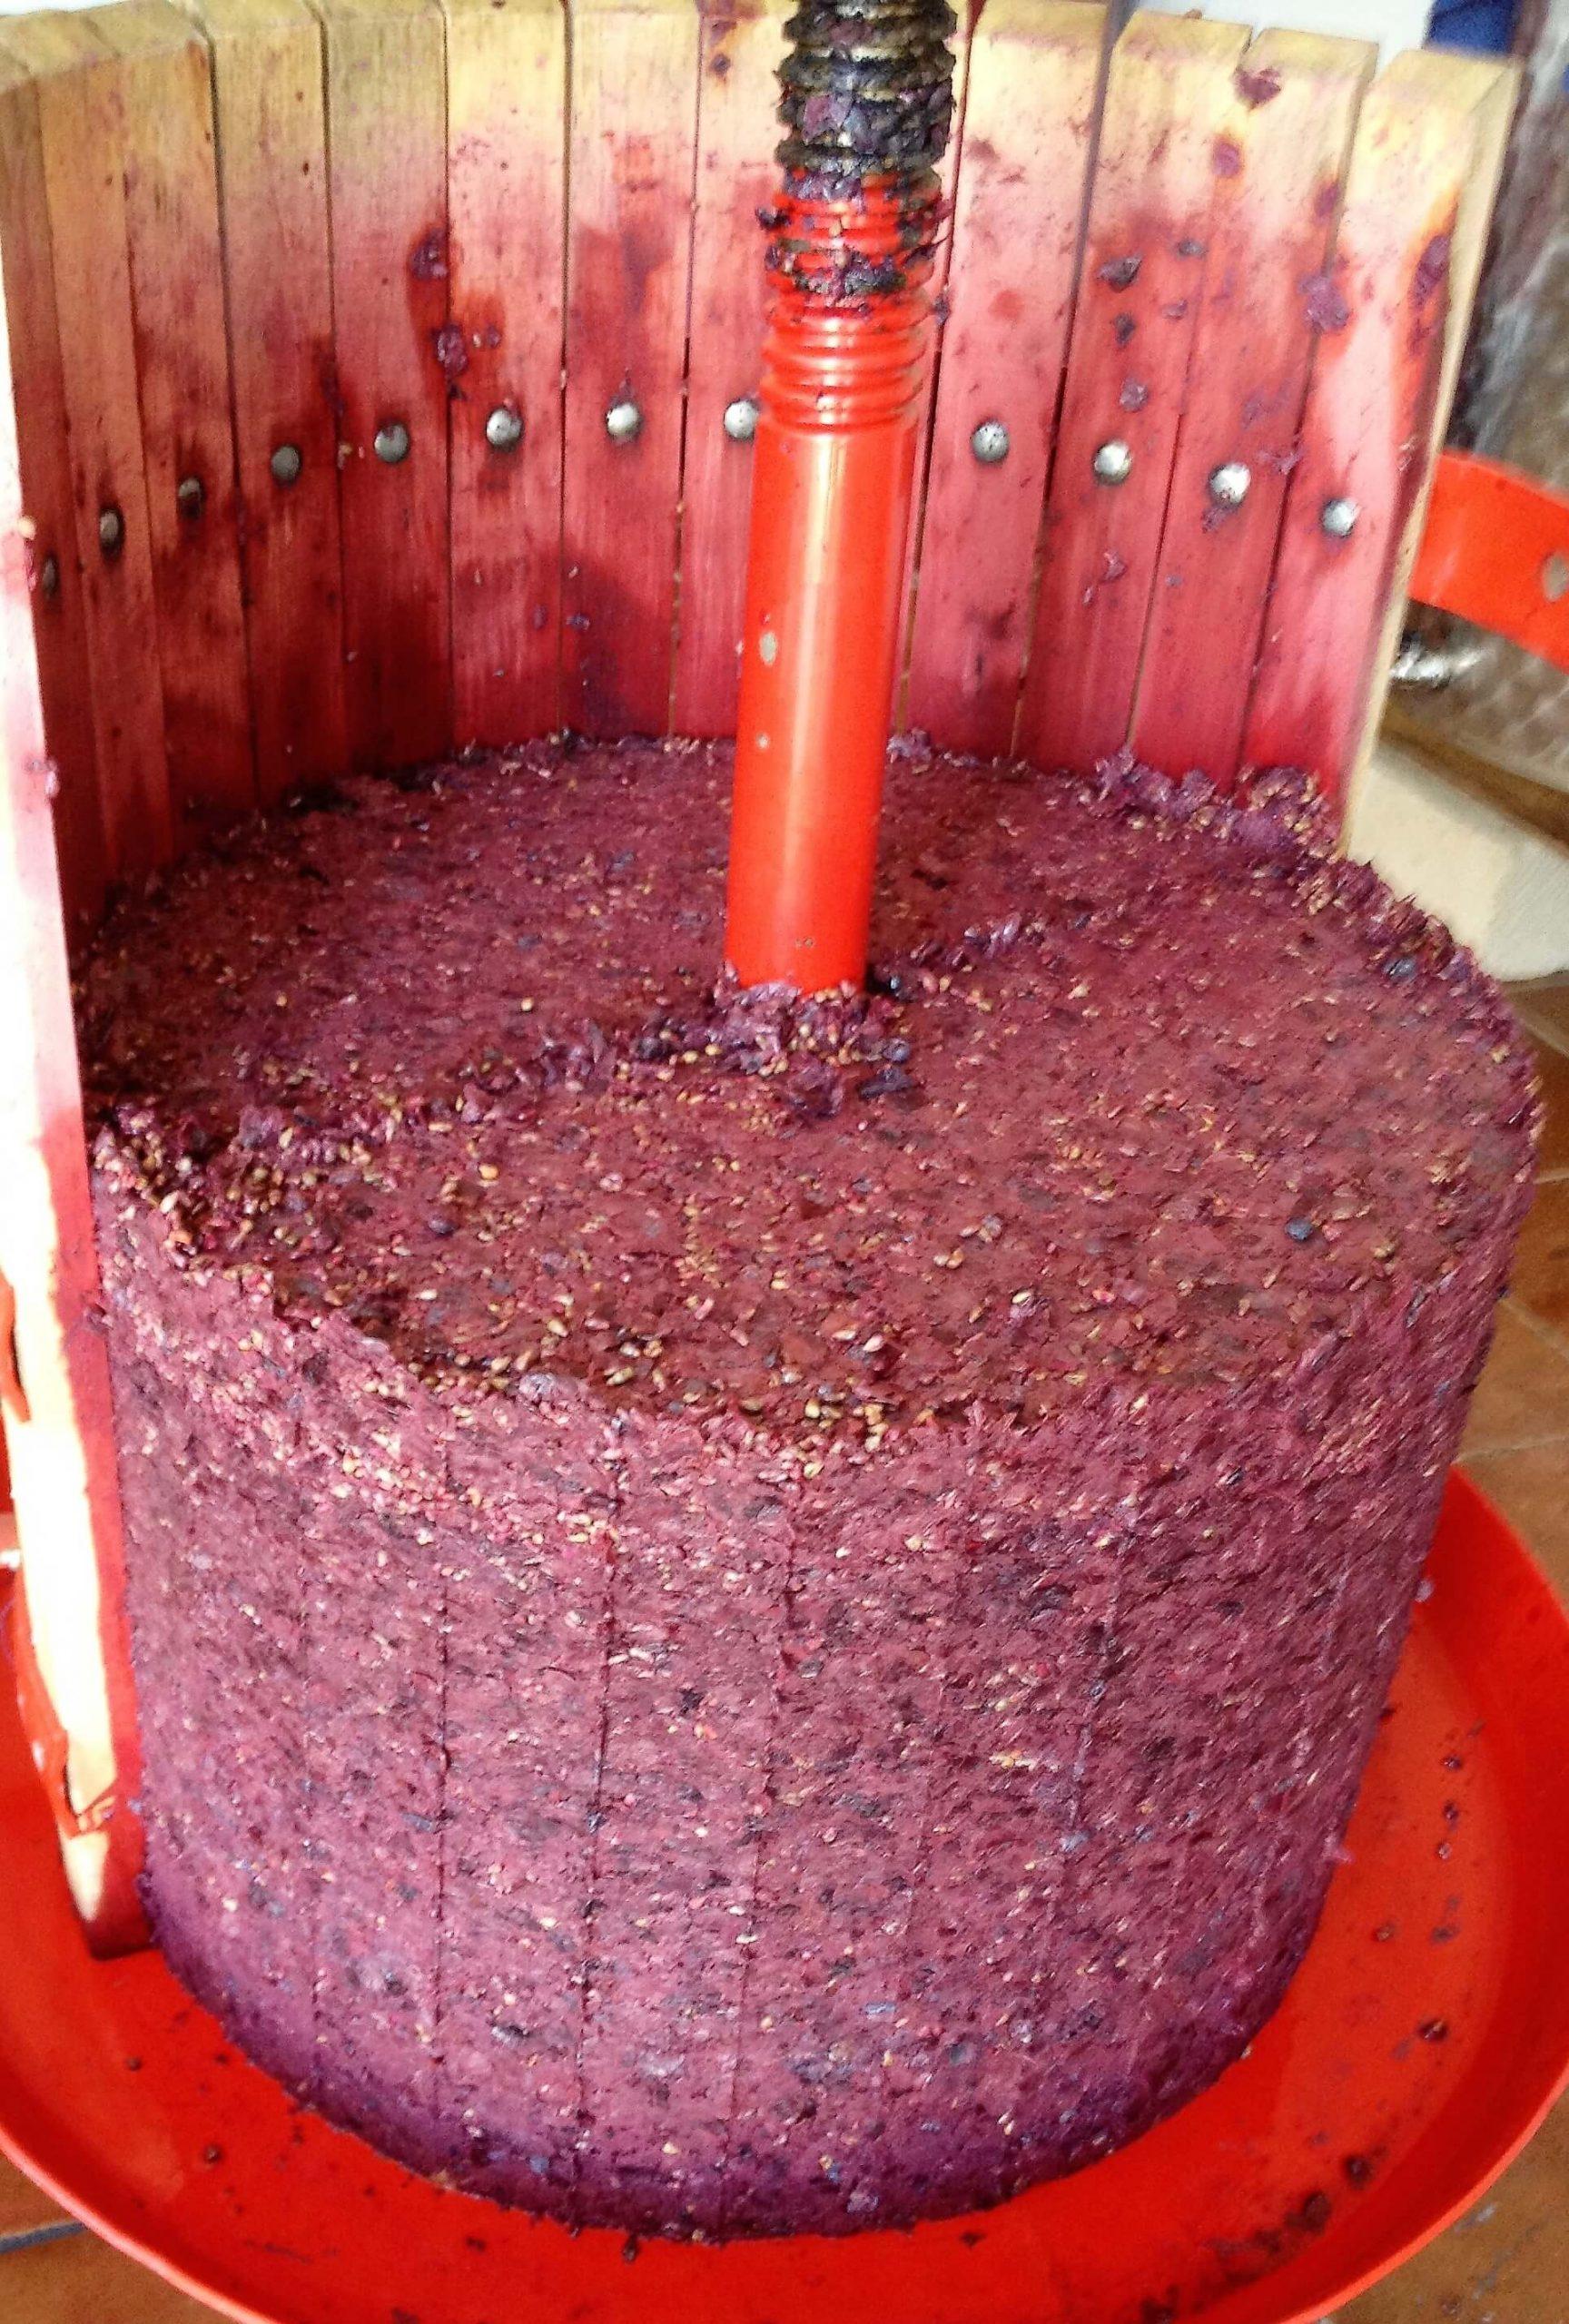 Årets røde druer og vin er ferdig gjæret